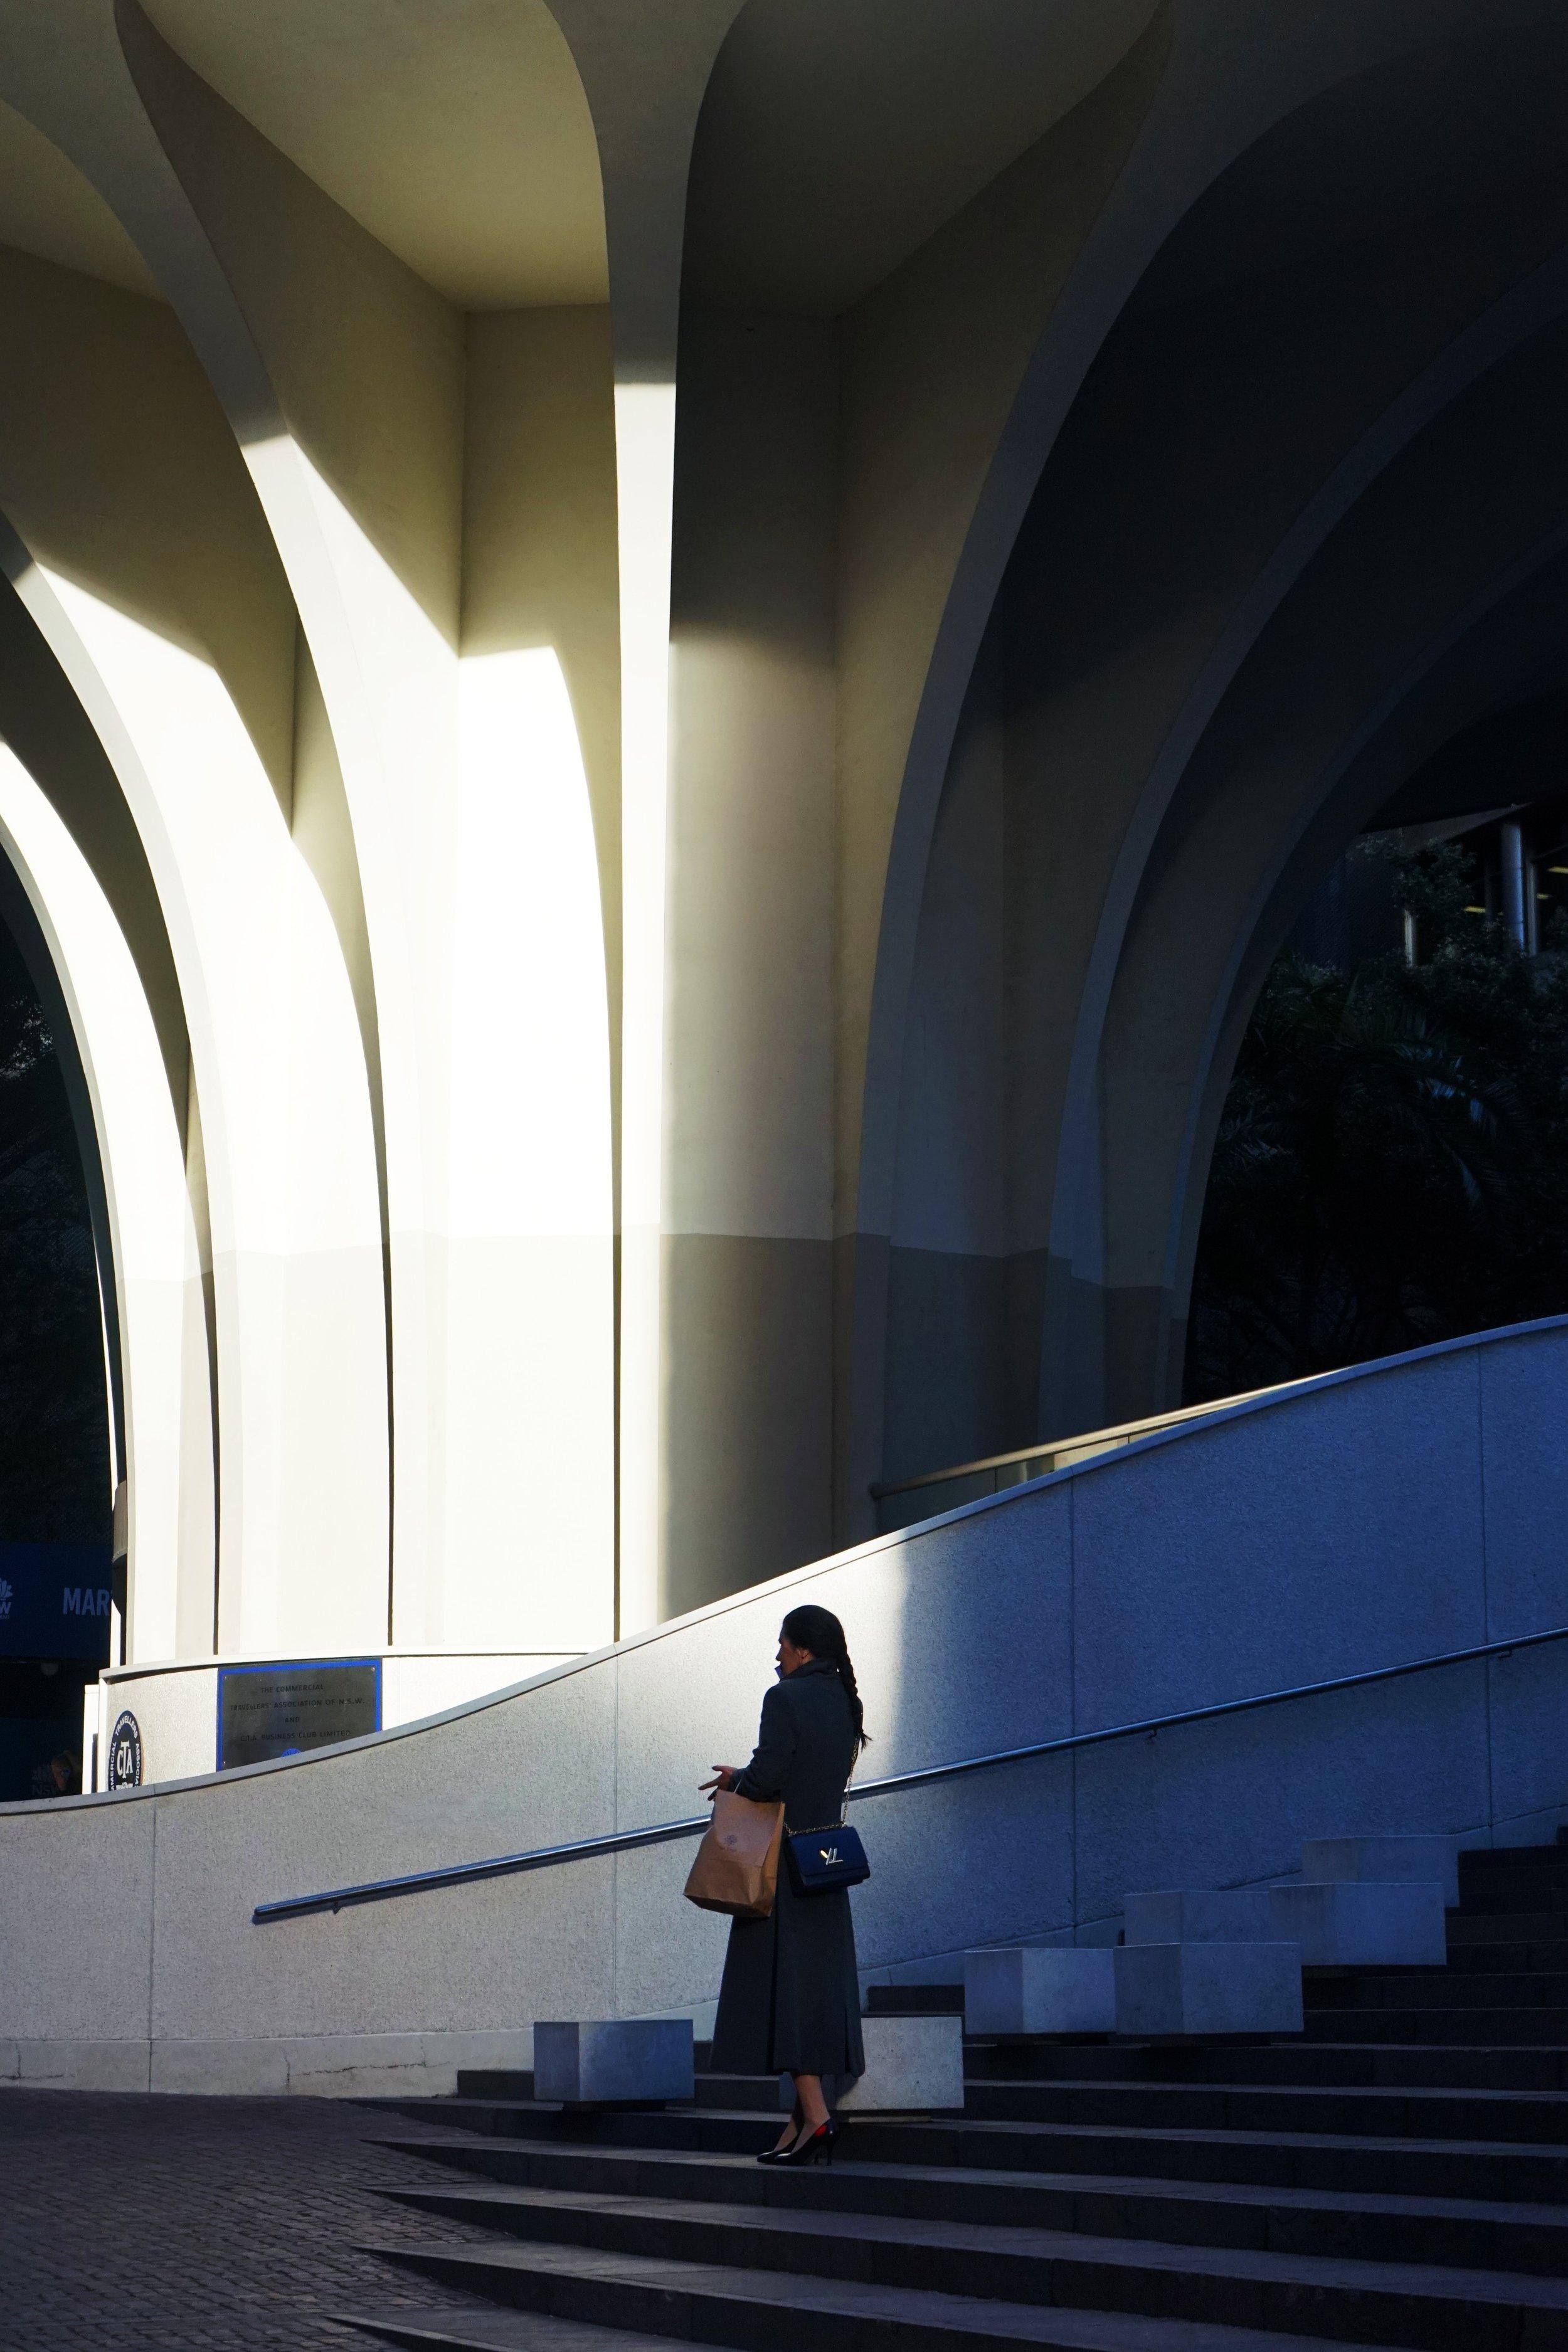 MLC Centre, Sydney, designed by Harry Seidler Associates. Photo by Rose Lamond.